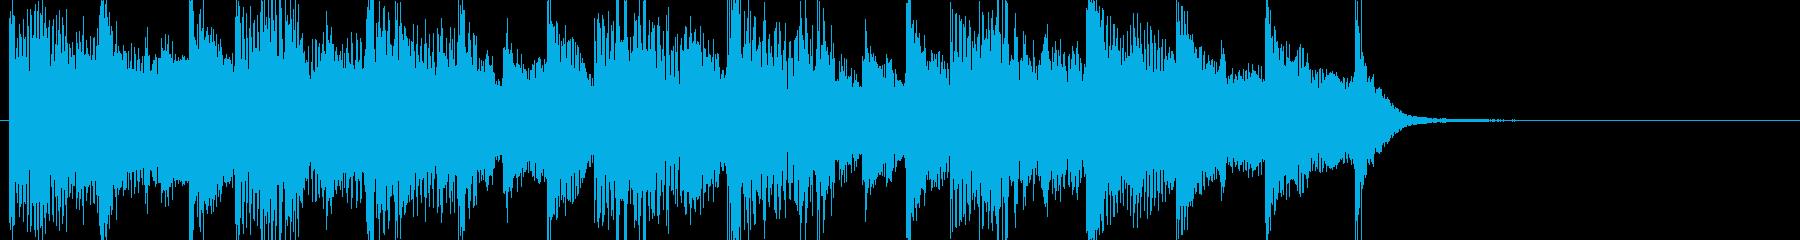 トロピカル | オープニングやジングル等の再生済みの波形